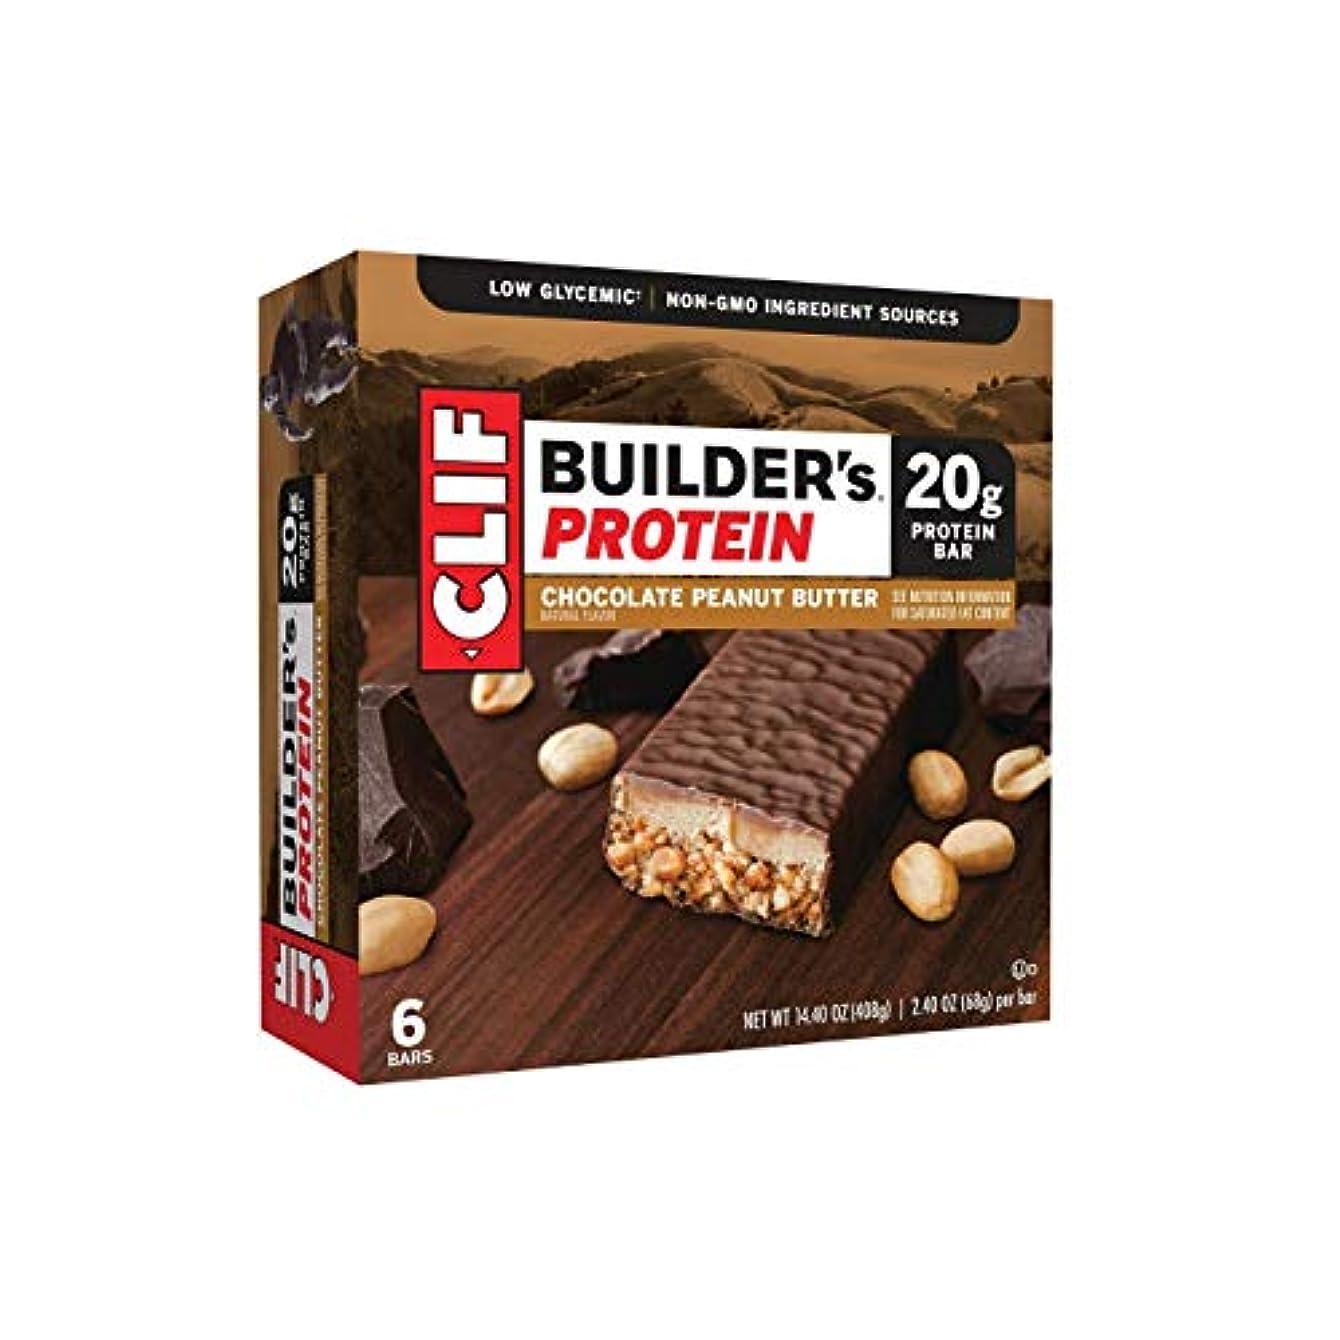 下膨らみ気絶させるClif Builders,20g Protein Bar Chocolate Peanut Butter,6 Bars by Clif Bar